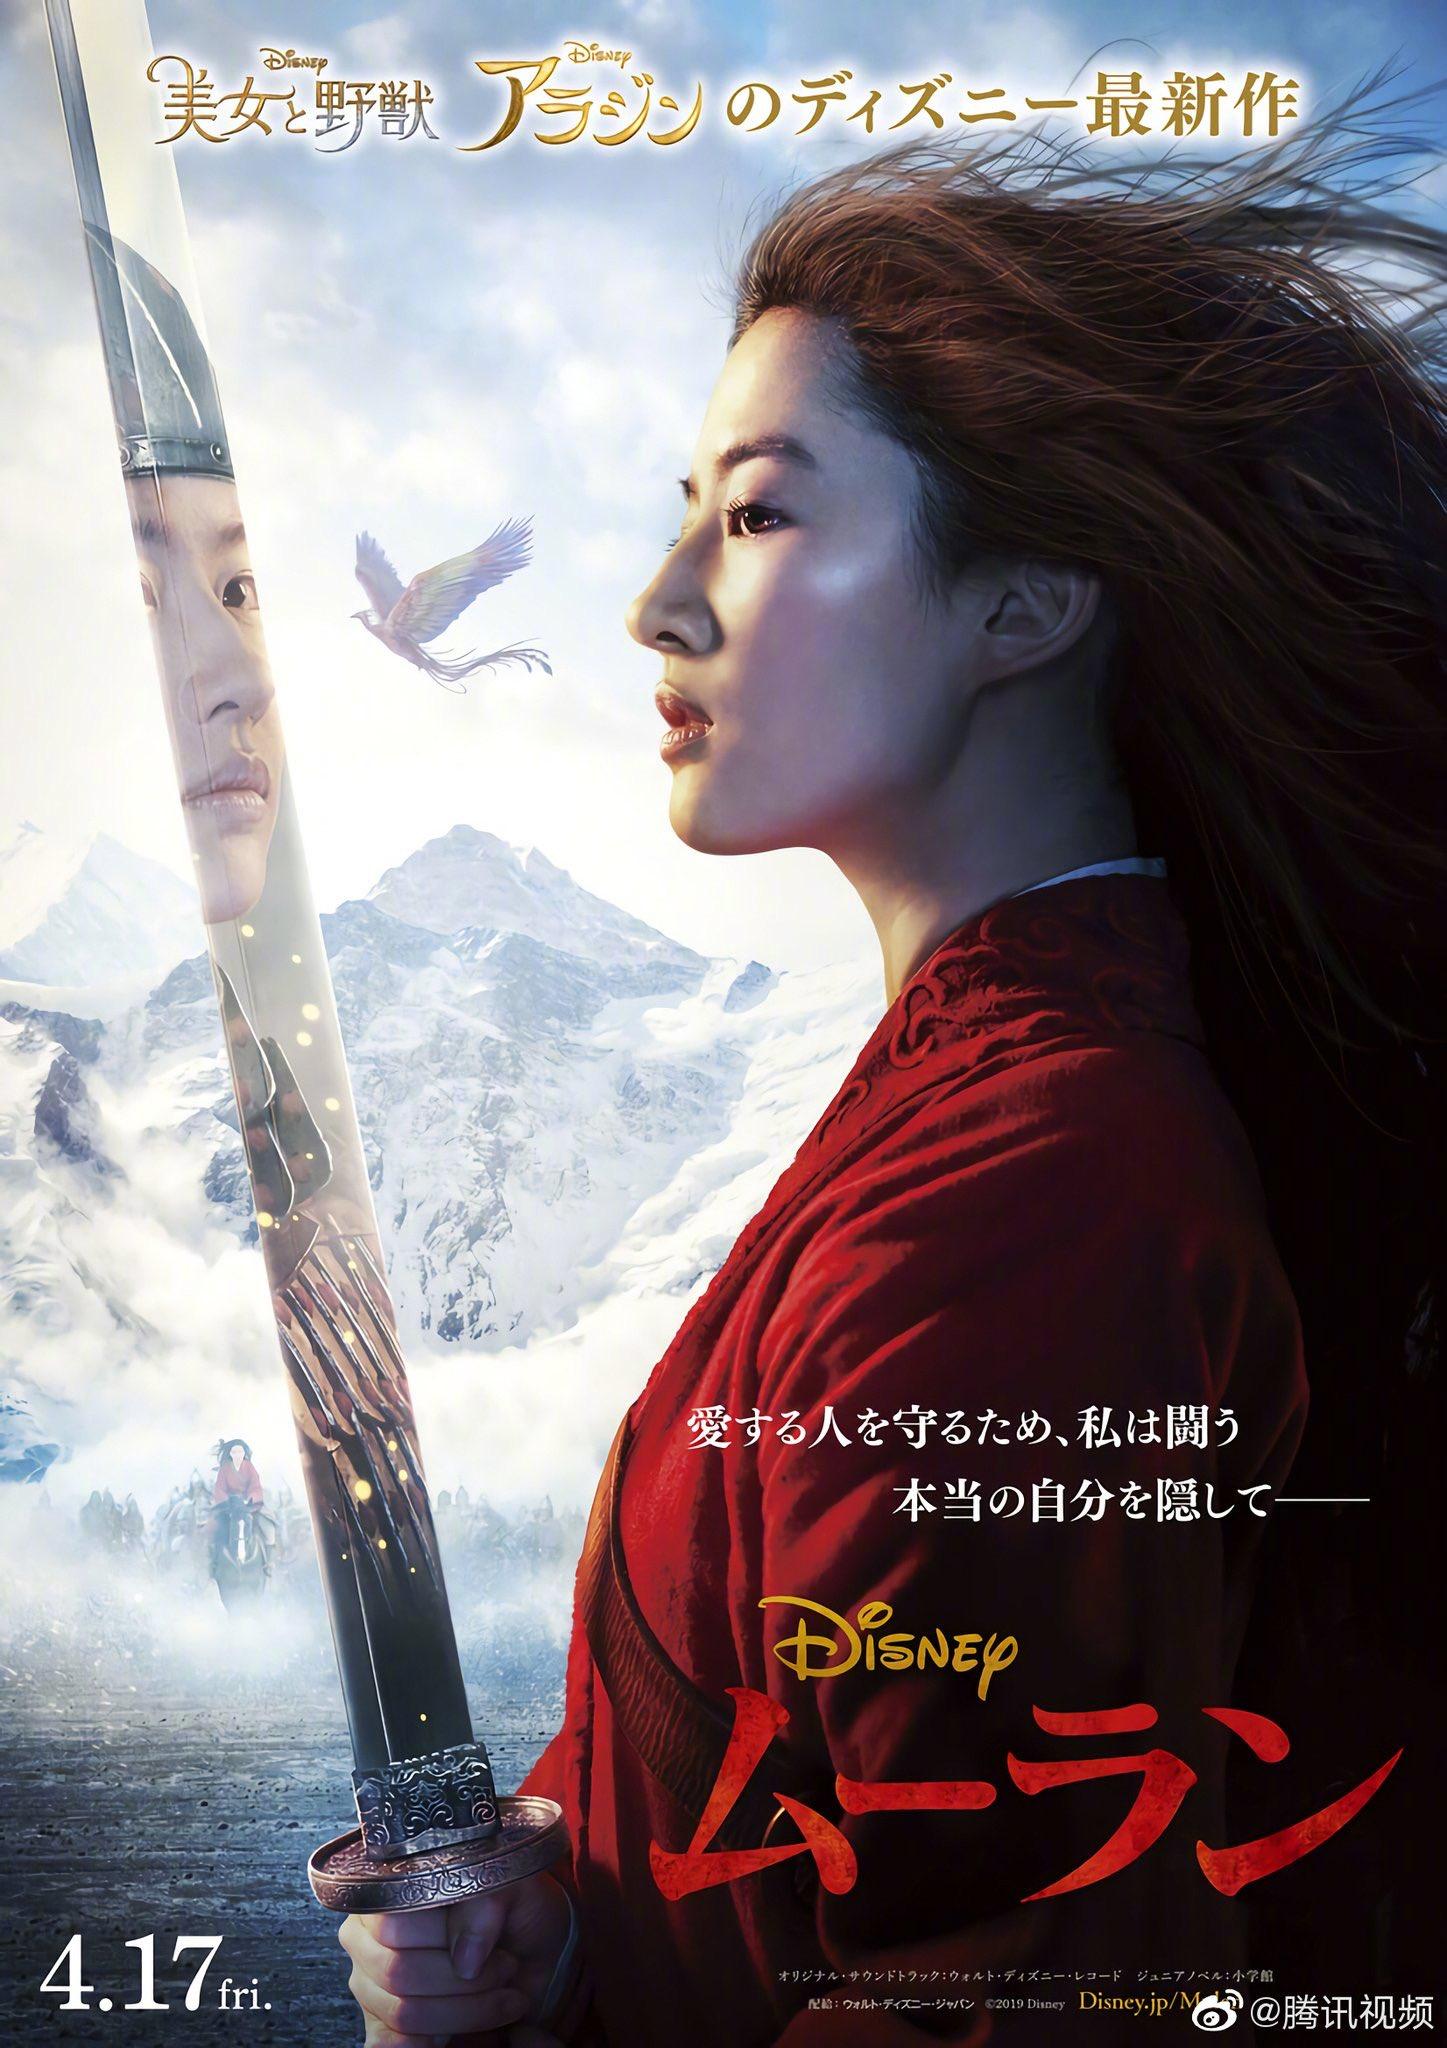 Mulan [Disney - 2020] - Page 12 EJ1DPxsUwAAH2qv?format=jpg&name=large